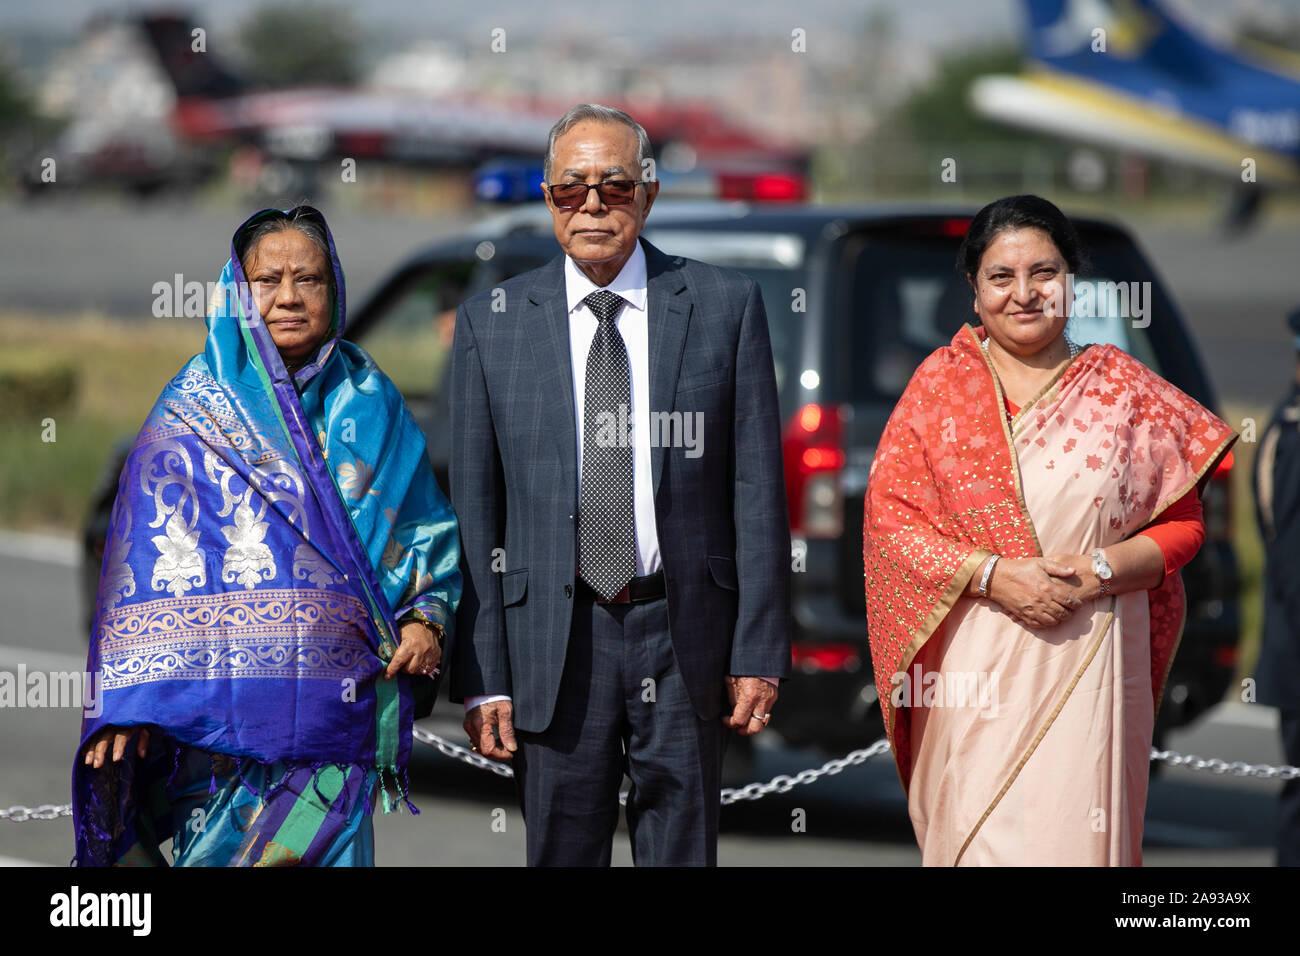 Katmandú, Nepal. 12 Nov, 2019. El Presidente de Bangladesh Abdul Hamid (c) y el Presidente de Nepal Devi Bidhya Bhandari (R) y la primera dama de Bangladesh Rashida Hamid(L), posan para la fotografía a su llegada al Aeropuerto Internacional de Tribhuvan en Katmandú el 12 de noviembre de 2019 (Foto por Prabin Ranabhat/Pacific Press) Crédito: Pacific Press Agency/Alamy Live News Foto de stock